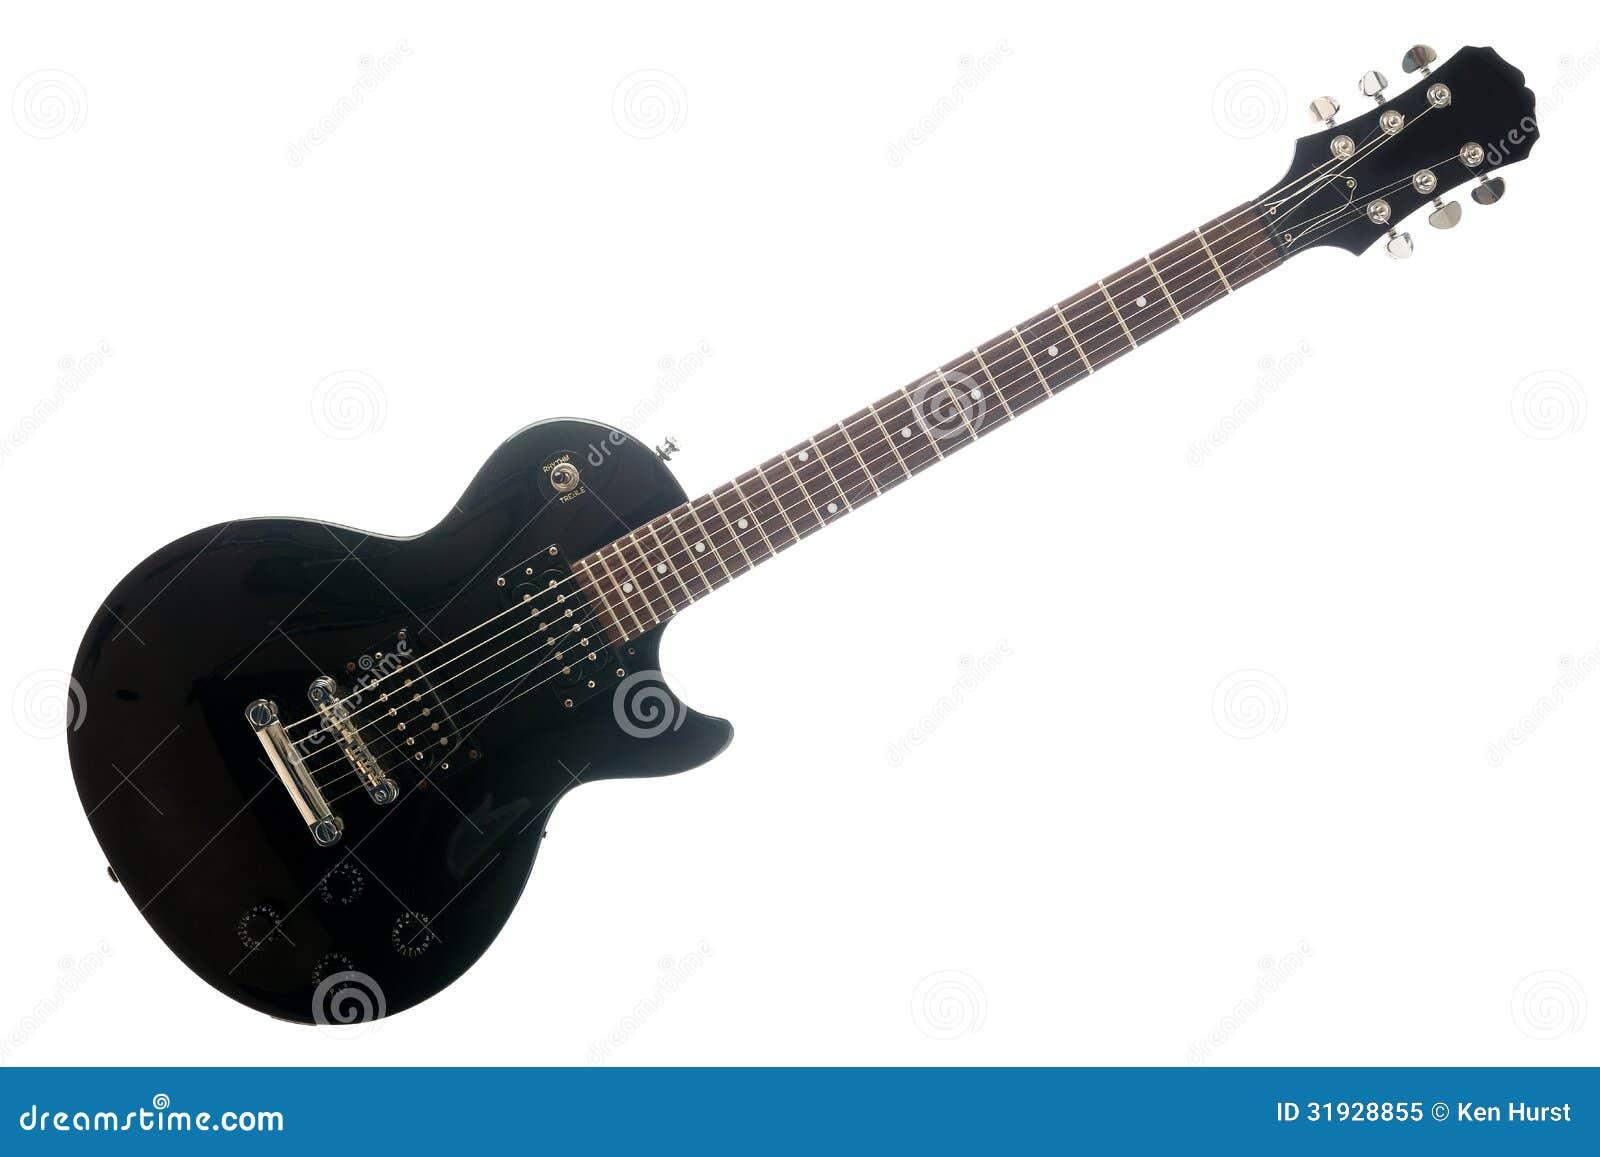 Guitarra eléctrica negra imagen de archivo. Imagen de guitarra ...